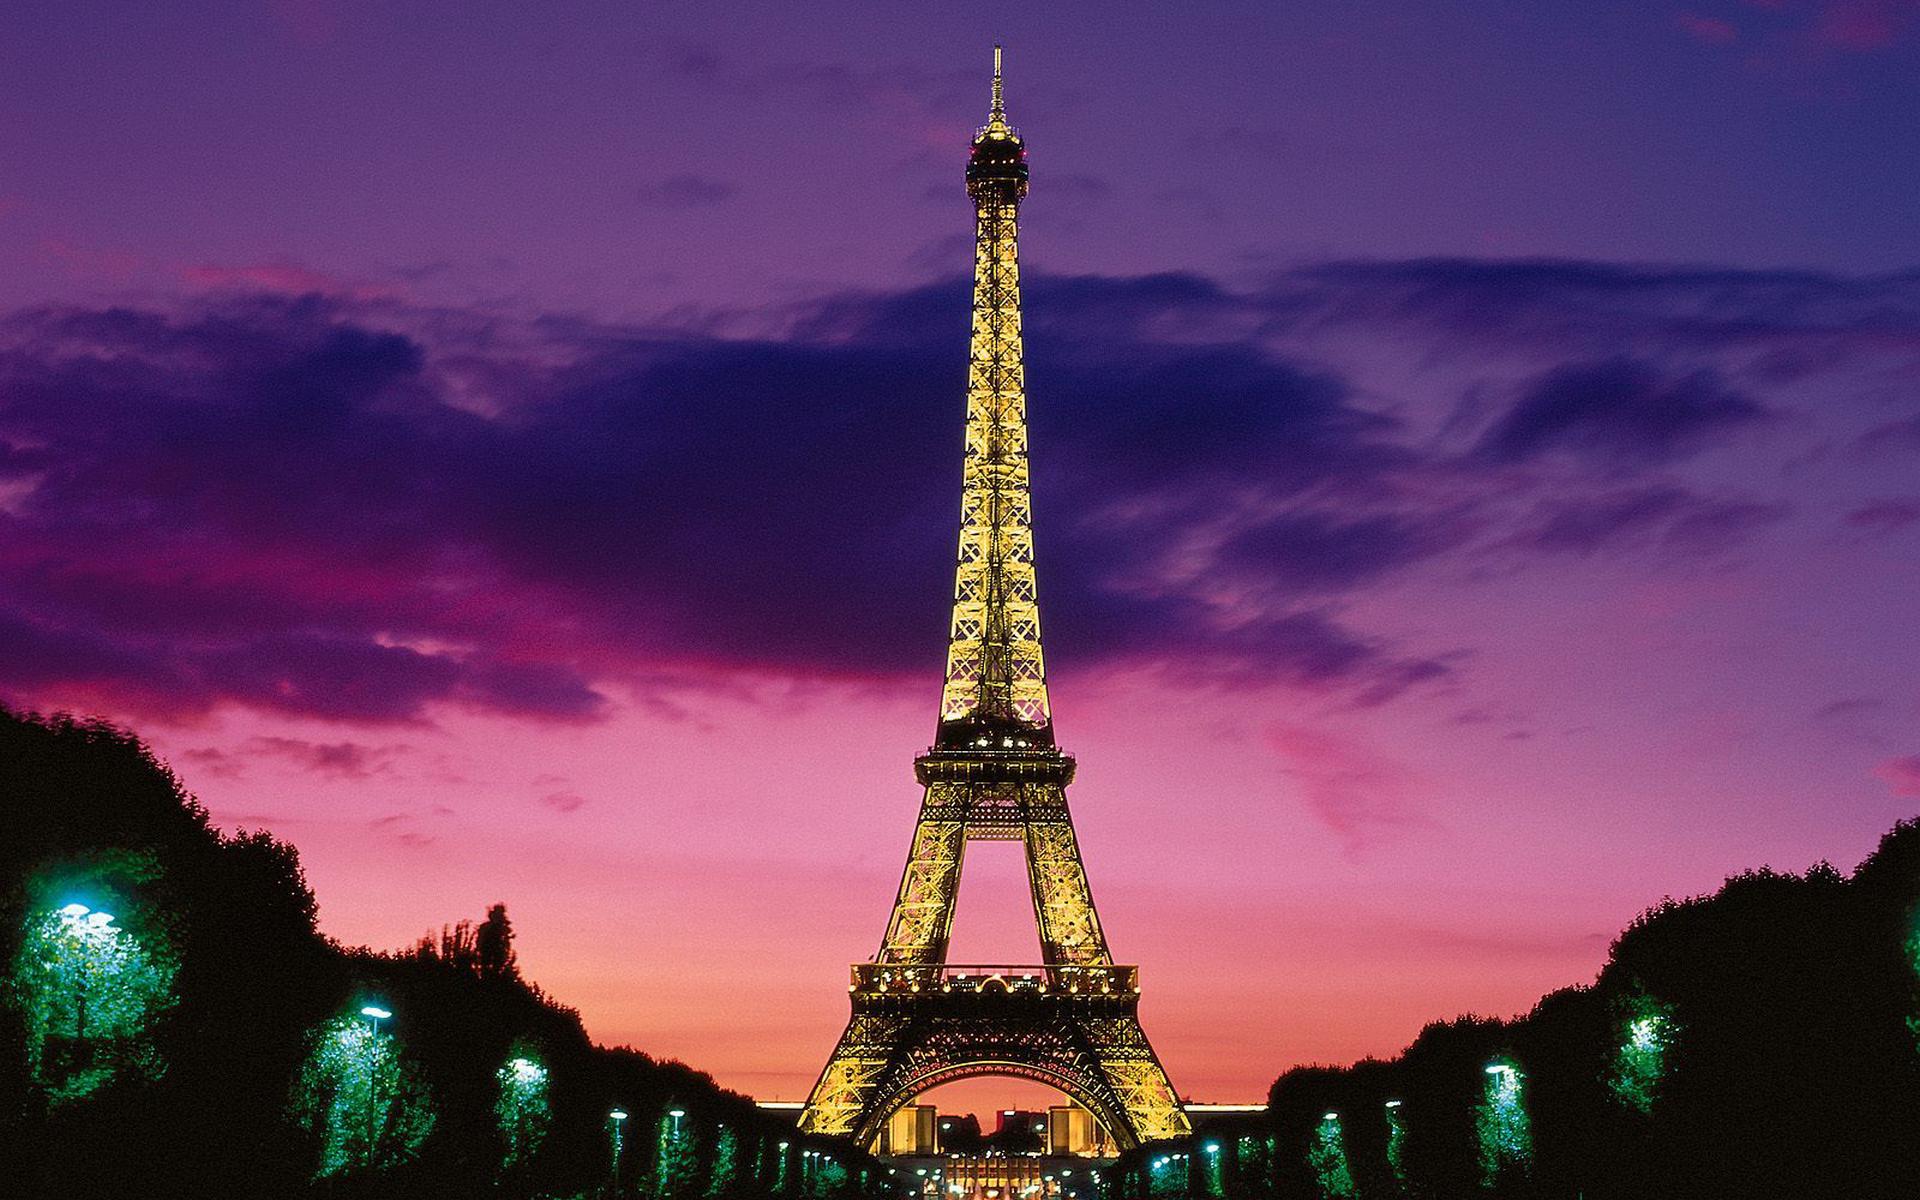 вечер, Париж, эйфелева башня